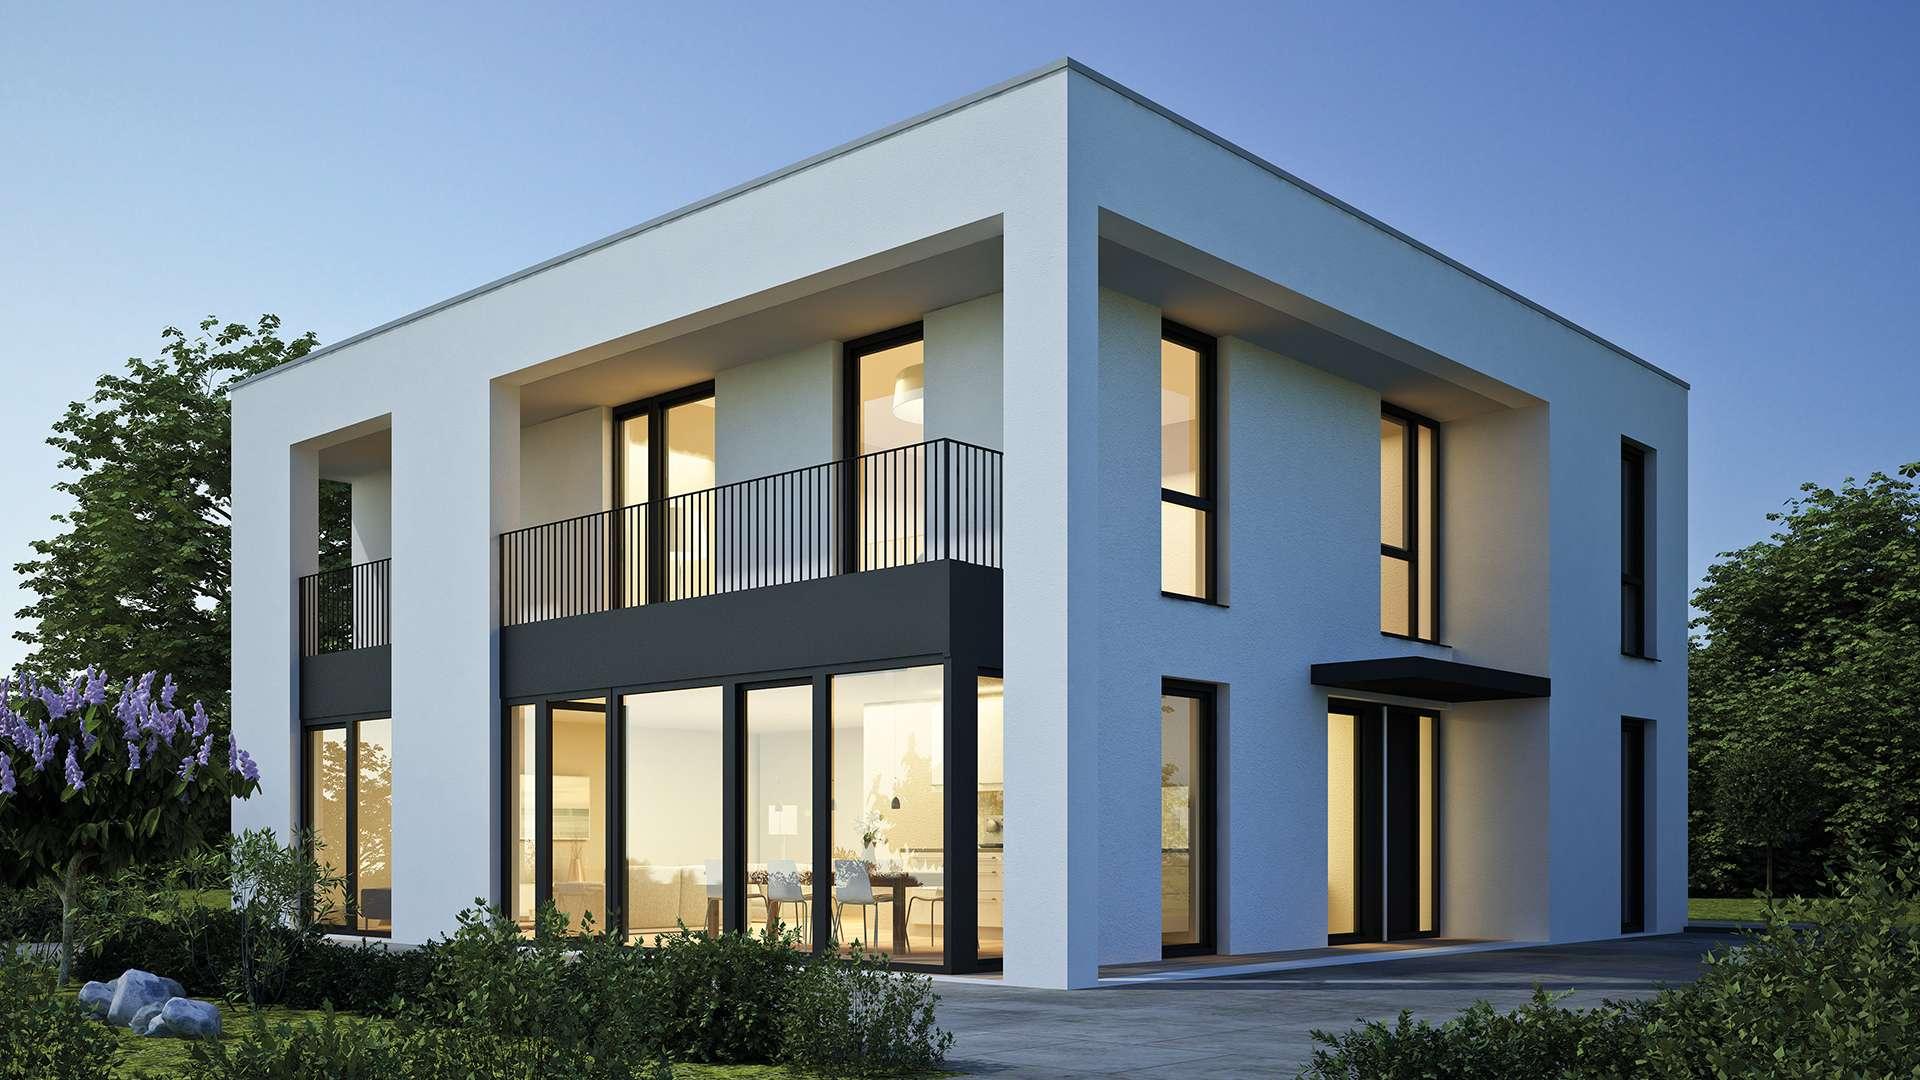 modernes Haus mit vielen Gayko-Fenstern